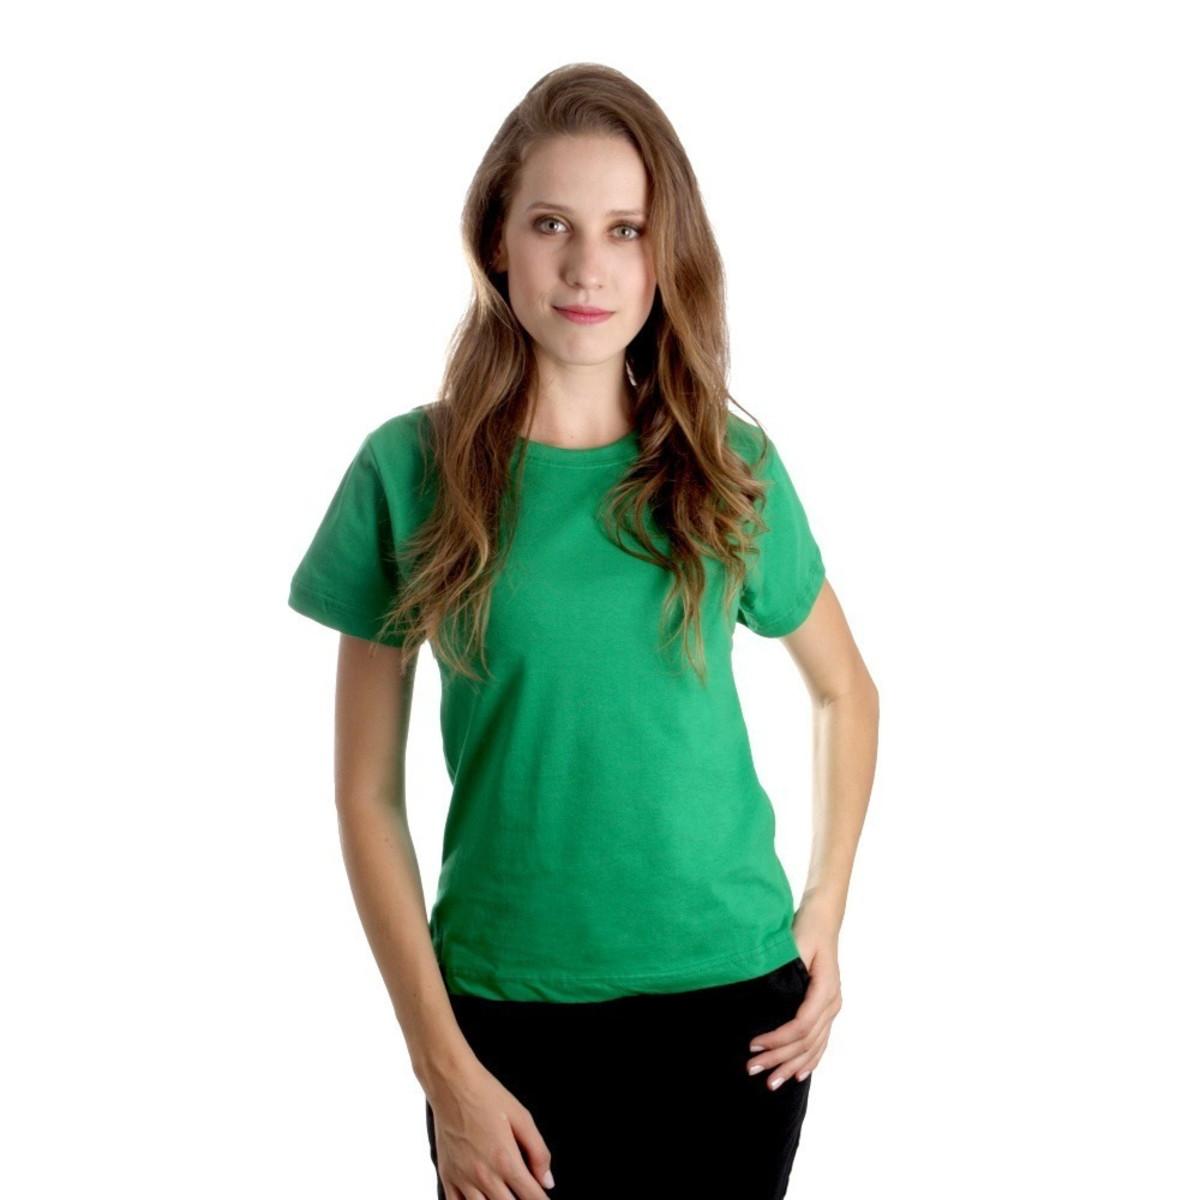 50e1aa082701b Camisetas Baby Look Feminina Algodão Lisa Camisa Verde Blusa no Elo7 ...